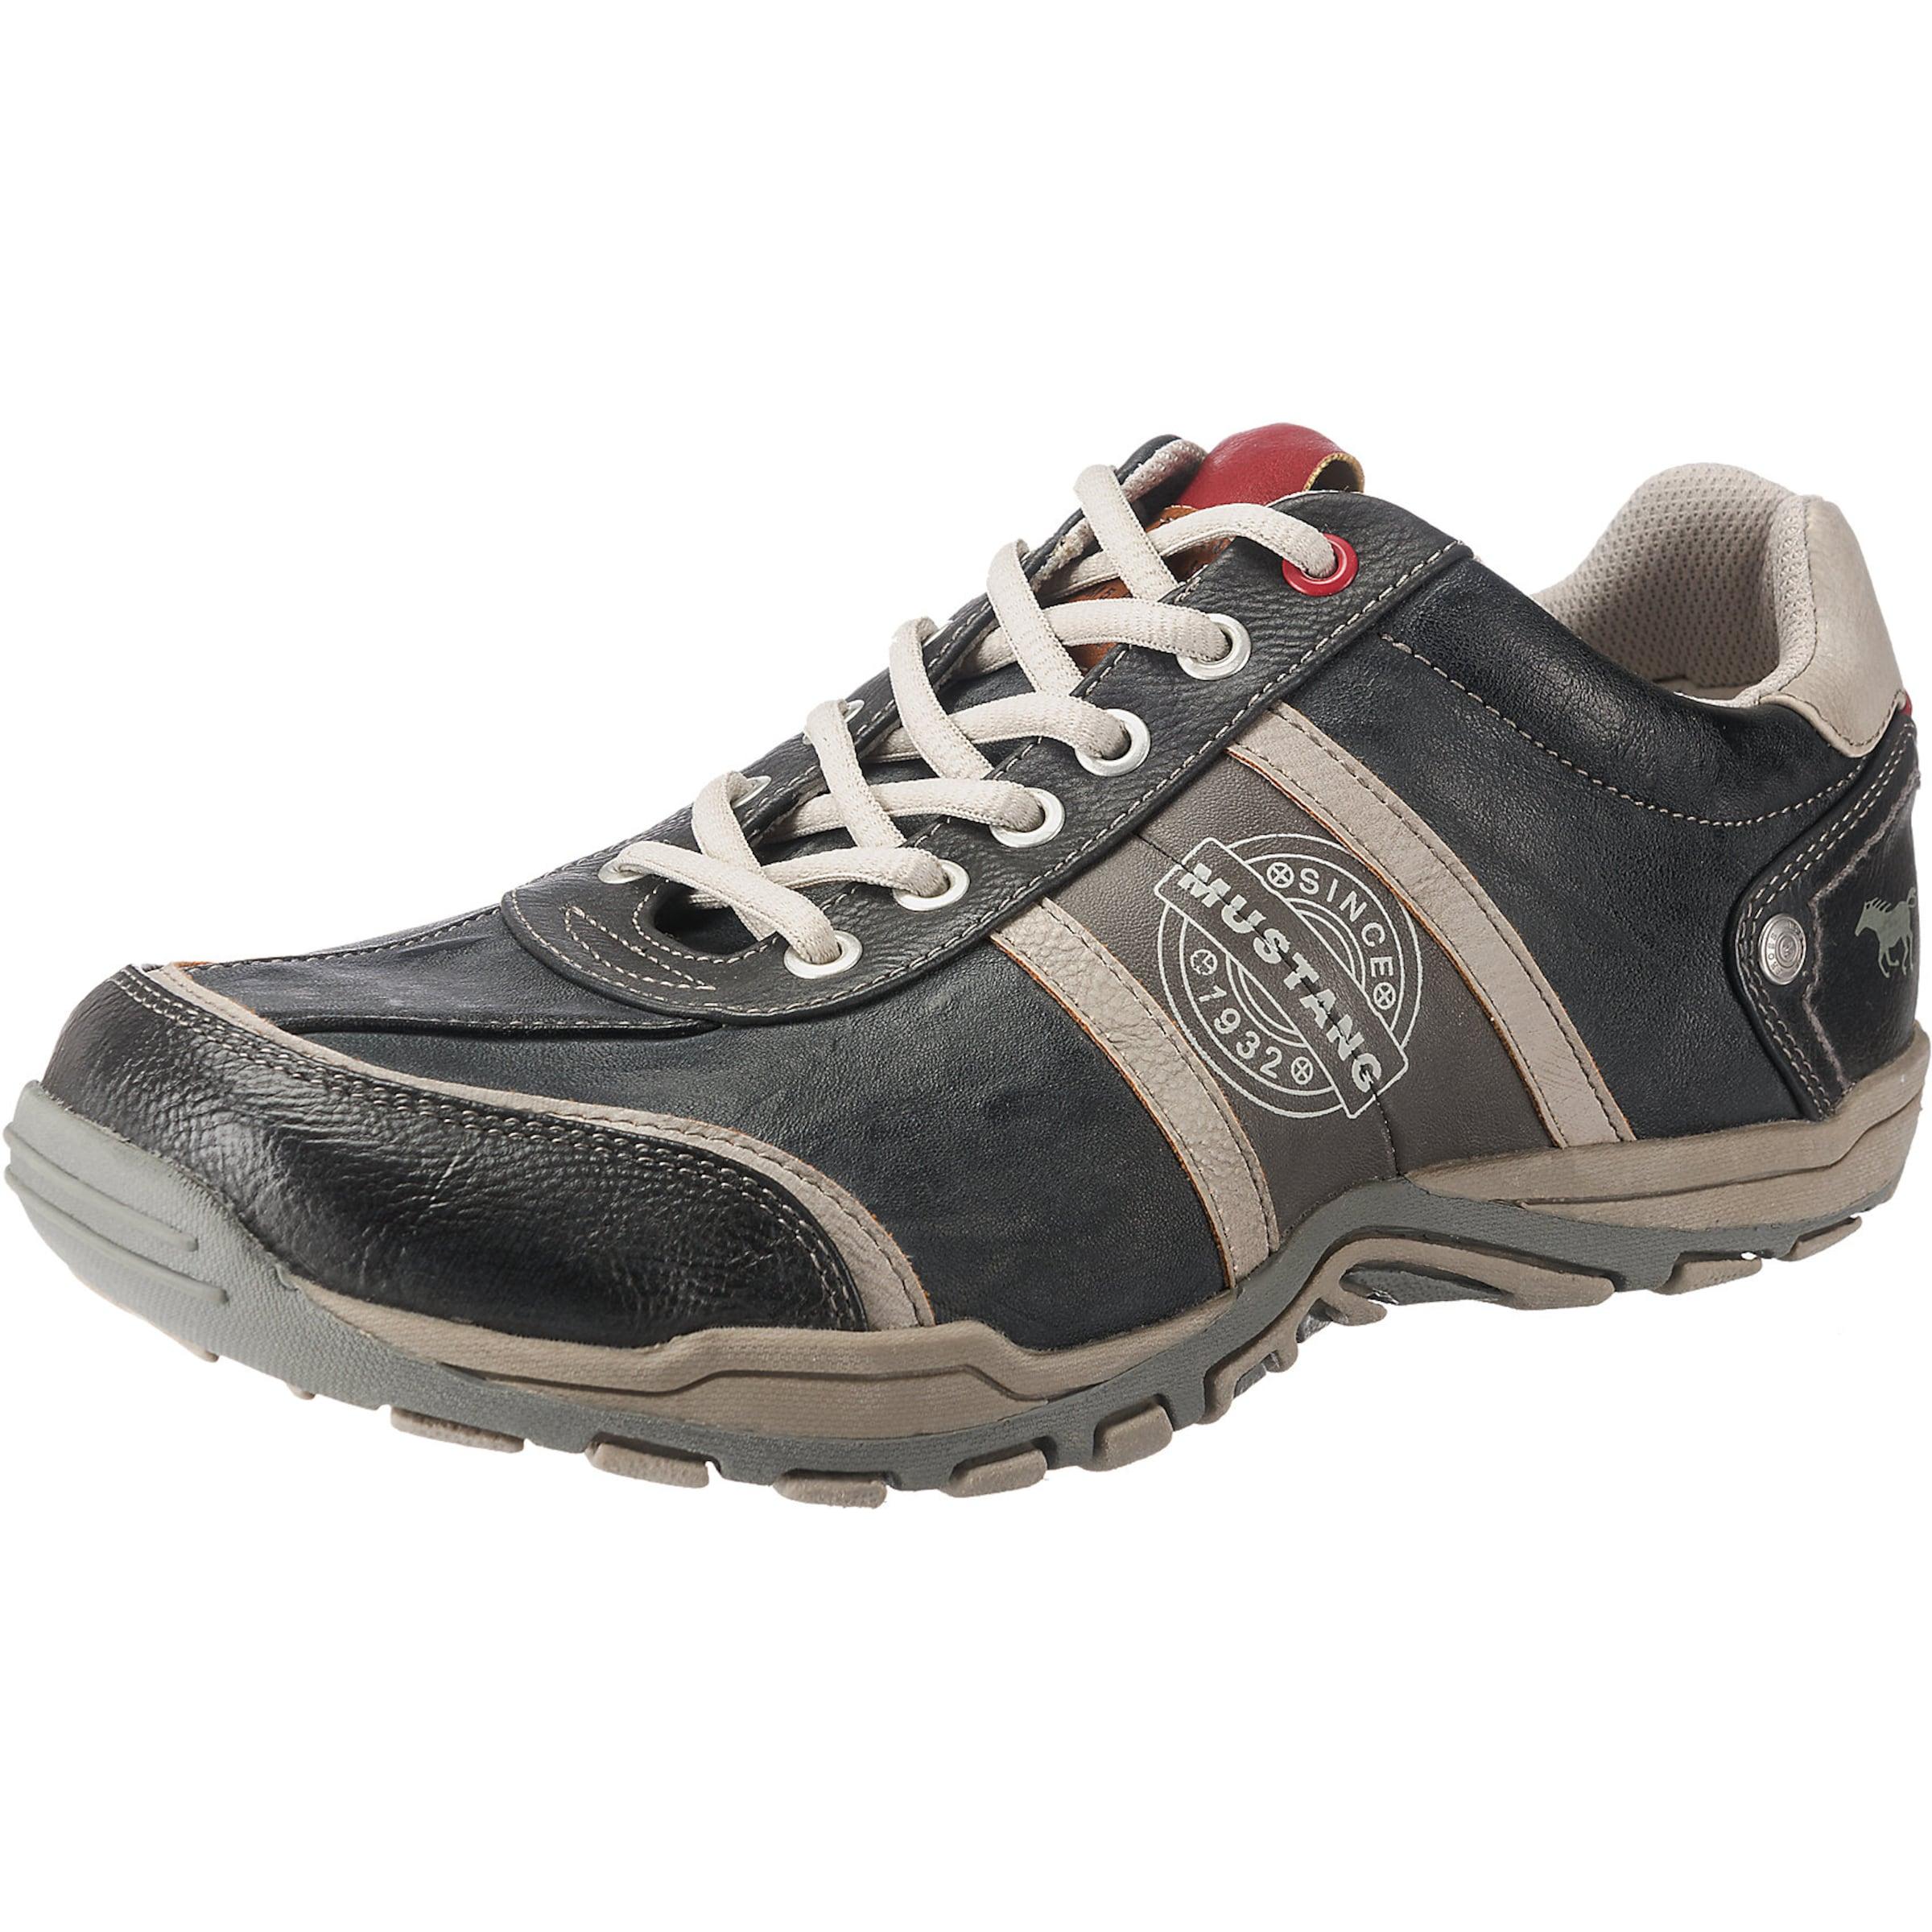 MUSTANG Freizeitschuhe Verschleißfeste billige Schuhe Hohe Qualität